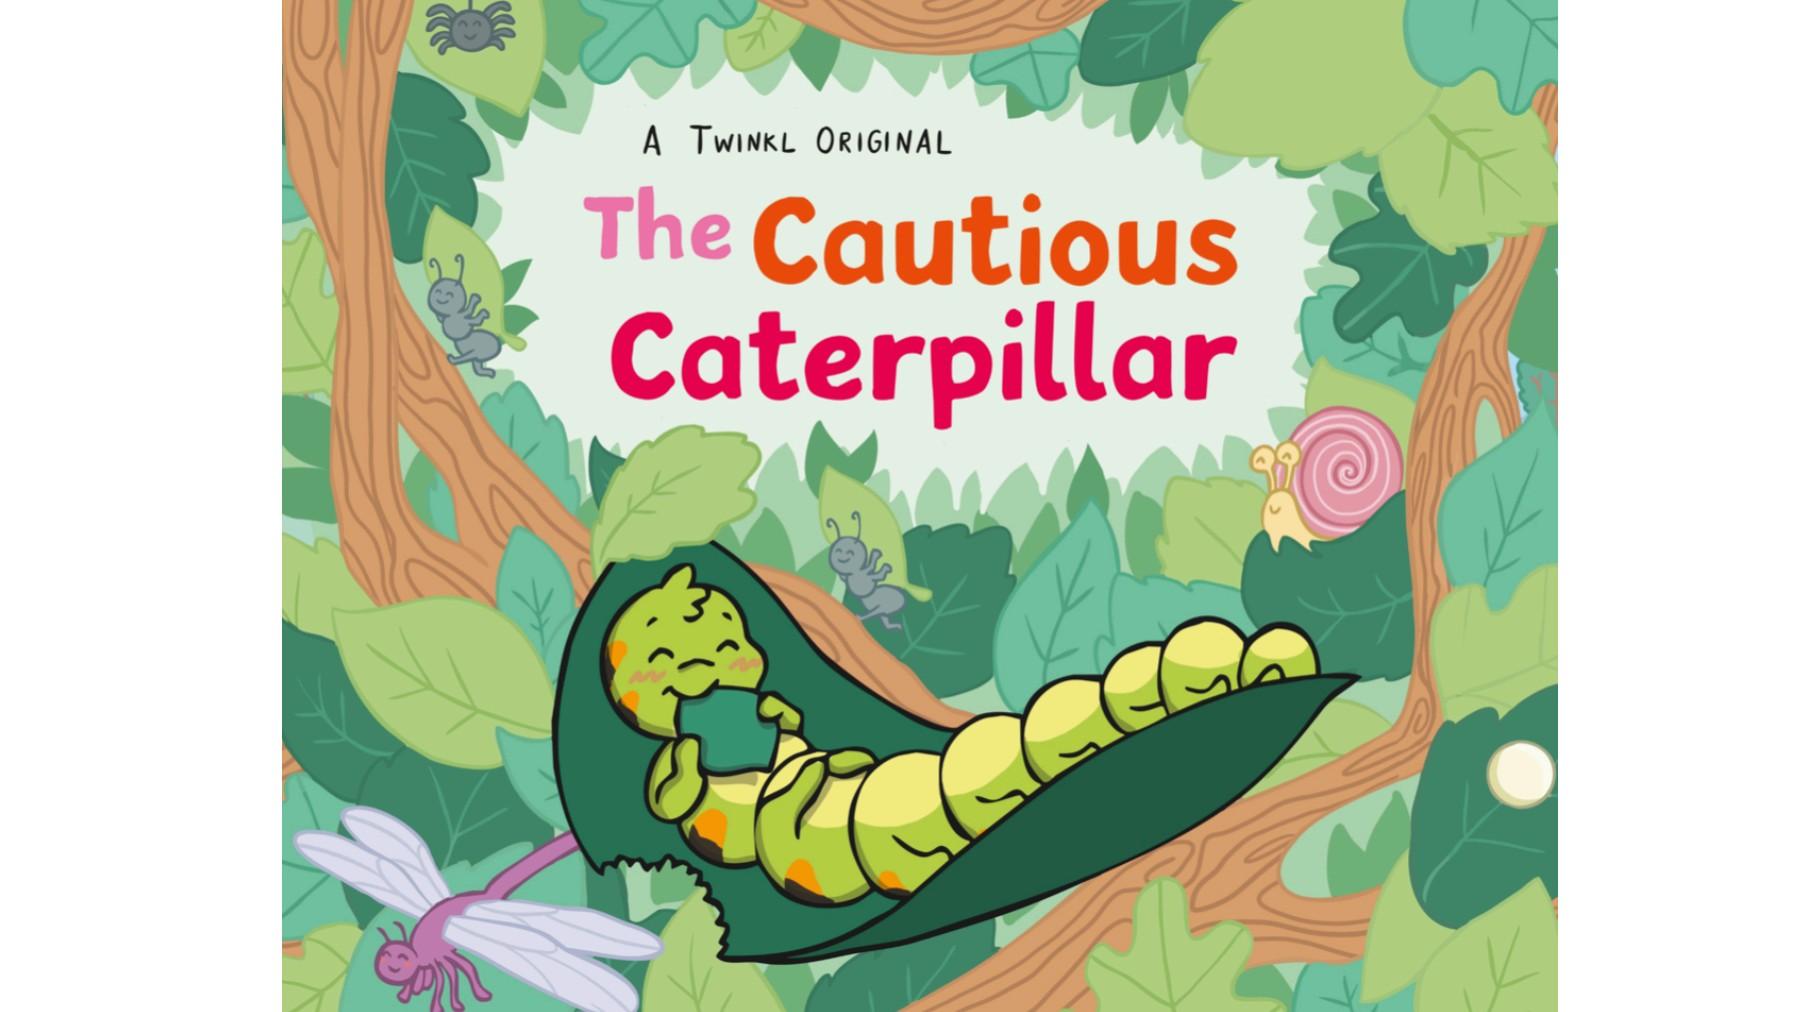 The Cautious Caterpillar